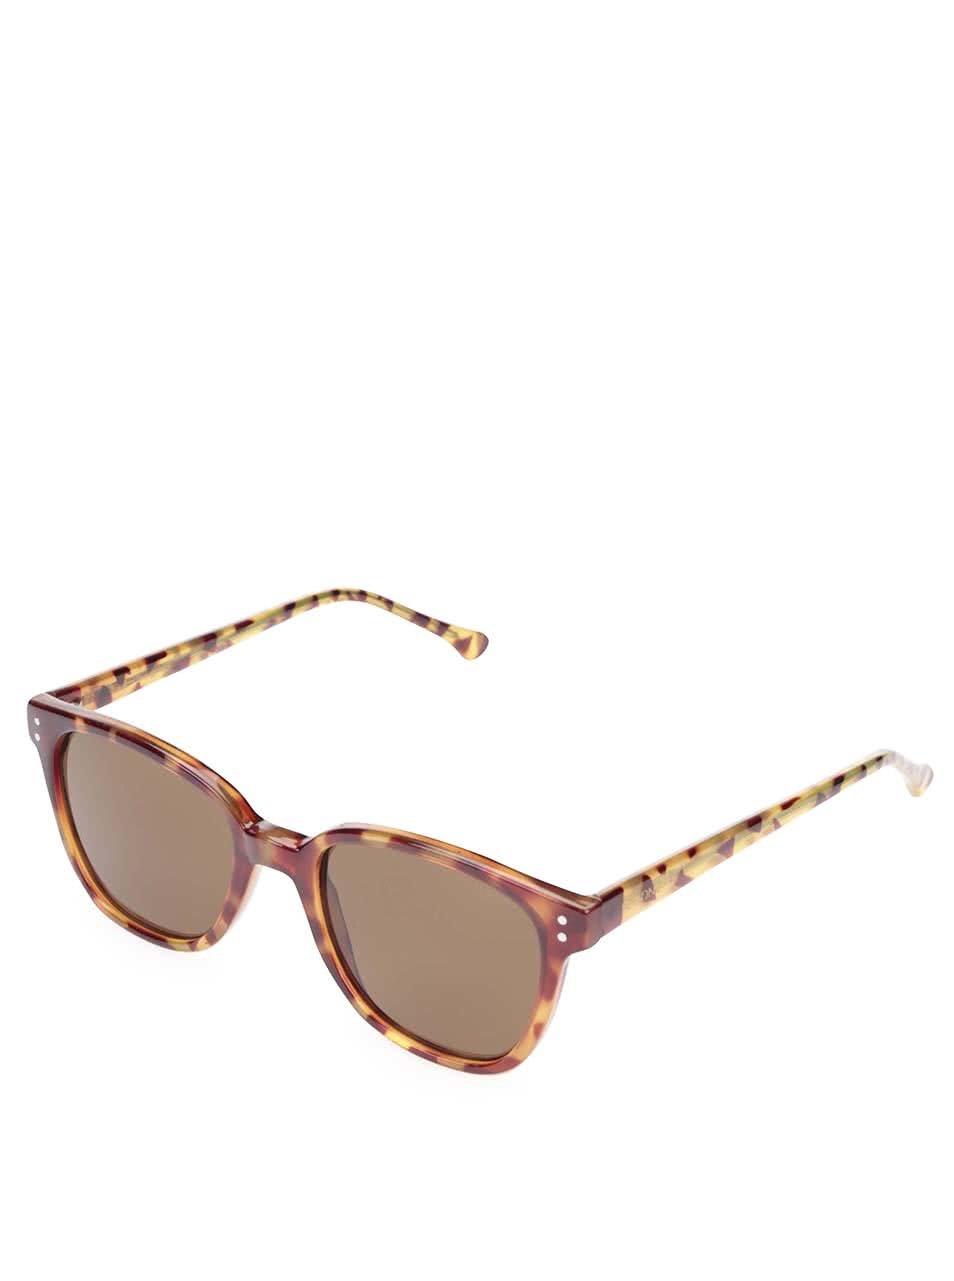 Hnědé dámské sluneční brýle s vzorovanými obroučkami Komono Renee